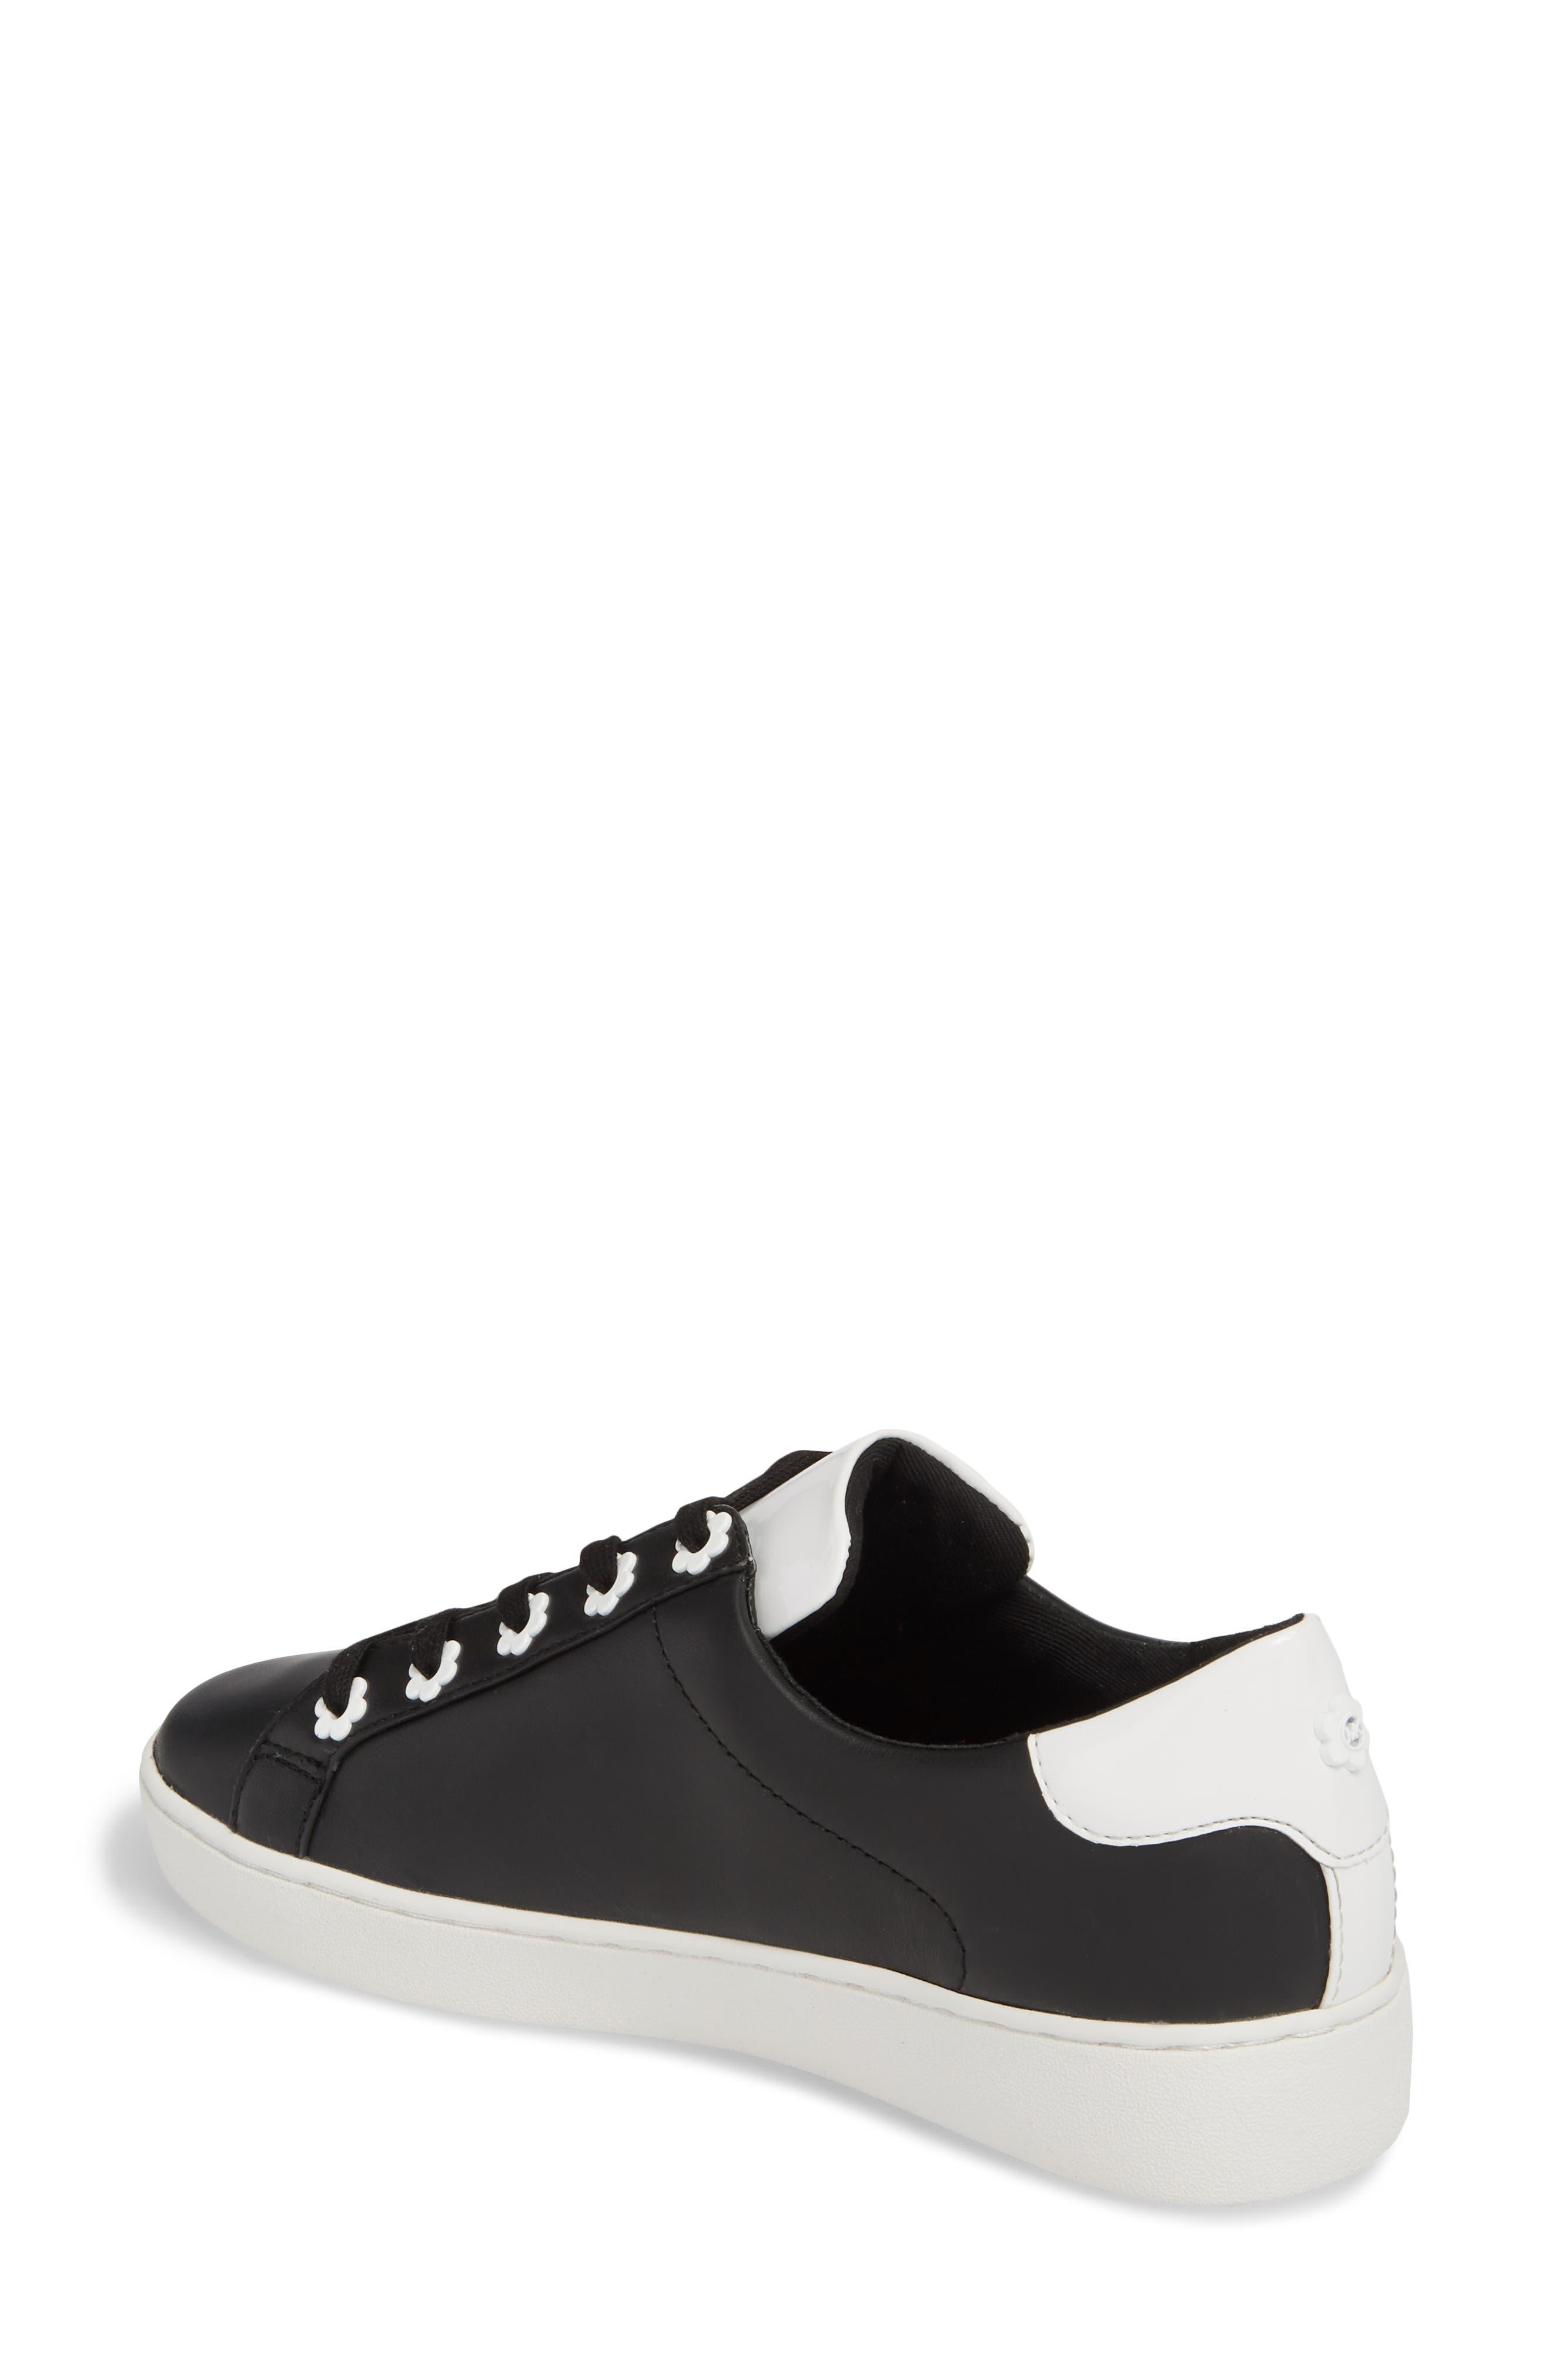 Irving Sneaker,                             Alternate thumbnail 2, color,                             Black/ Optic White